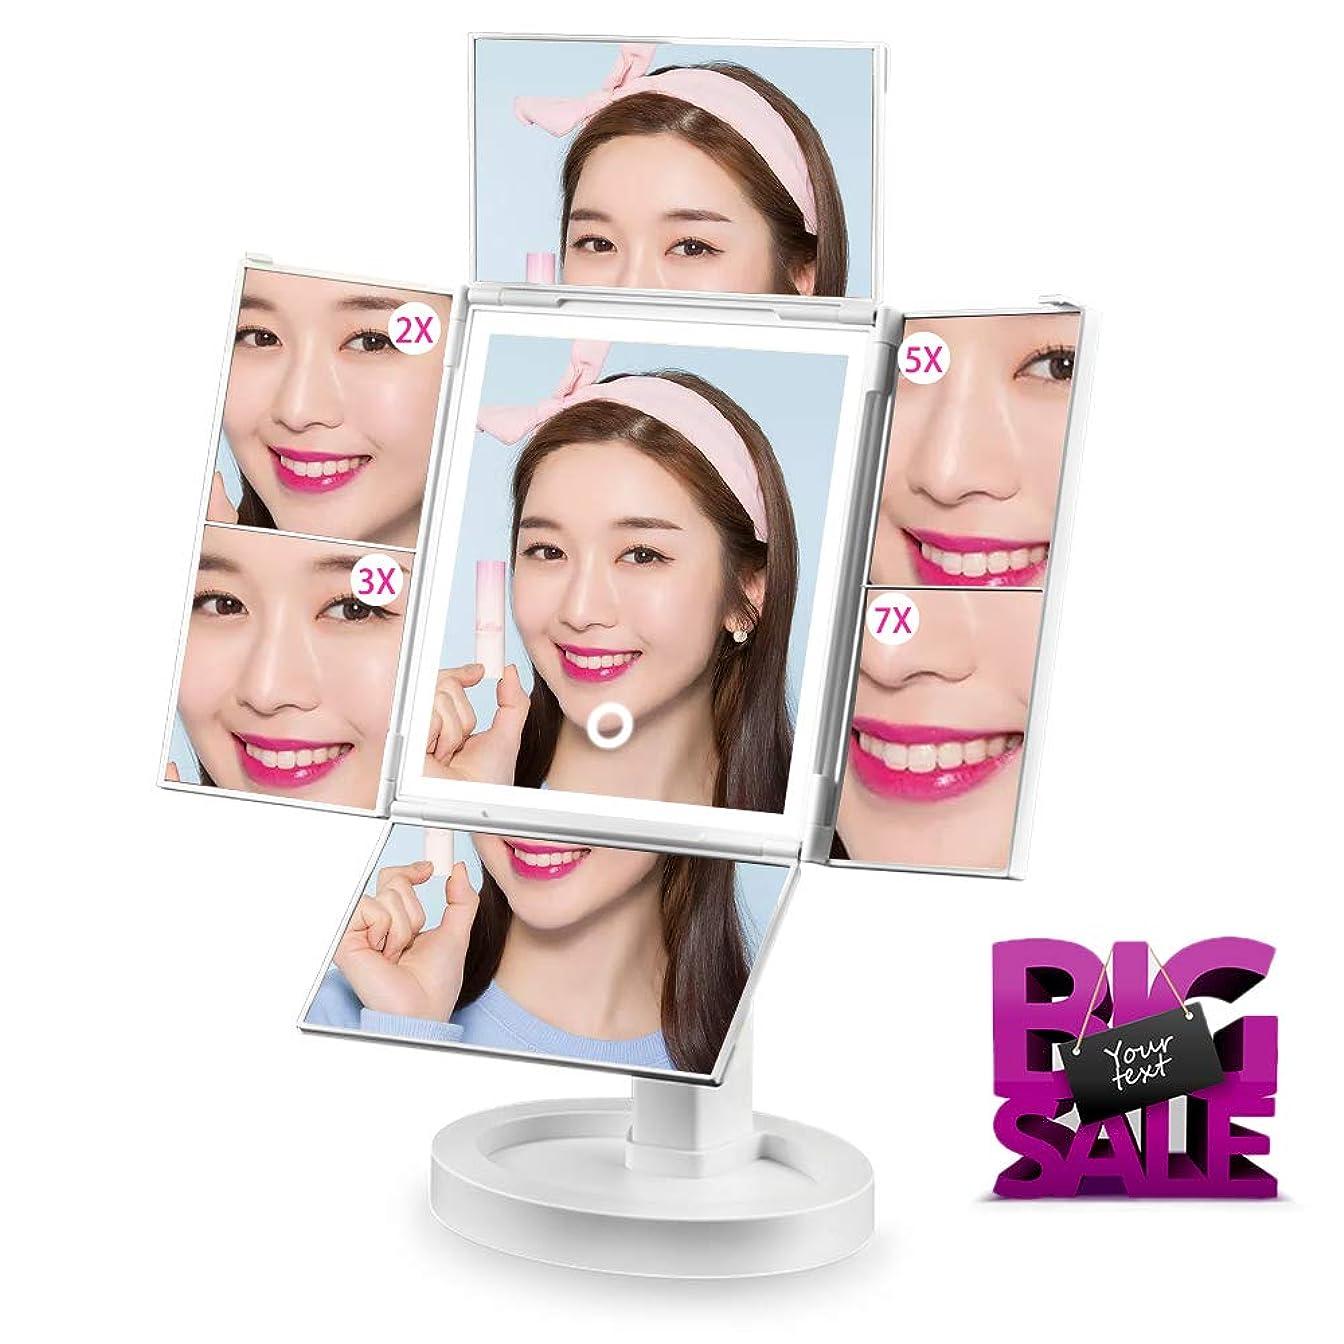 累積残る最終的に化粧鏡 SIX by SIX 化粧ミラー 鏡 四面鏡 女優ミラー 卓上 led付き 折りたたみ 拡大鏡 2&3&5&7倍 明るさ調節可能 180°回転 電池&USB 2WAY給電